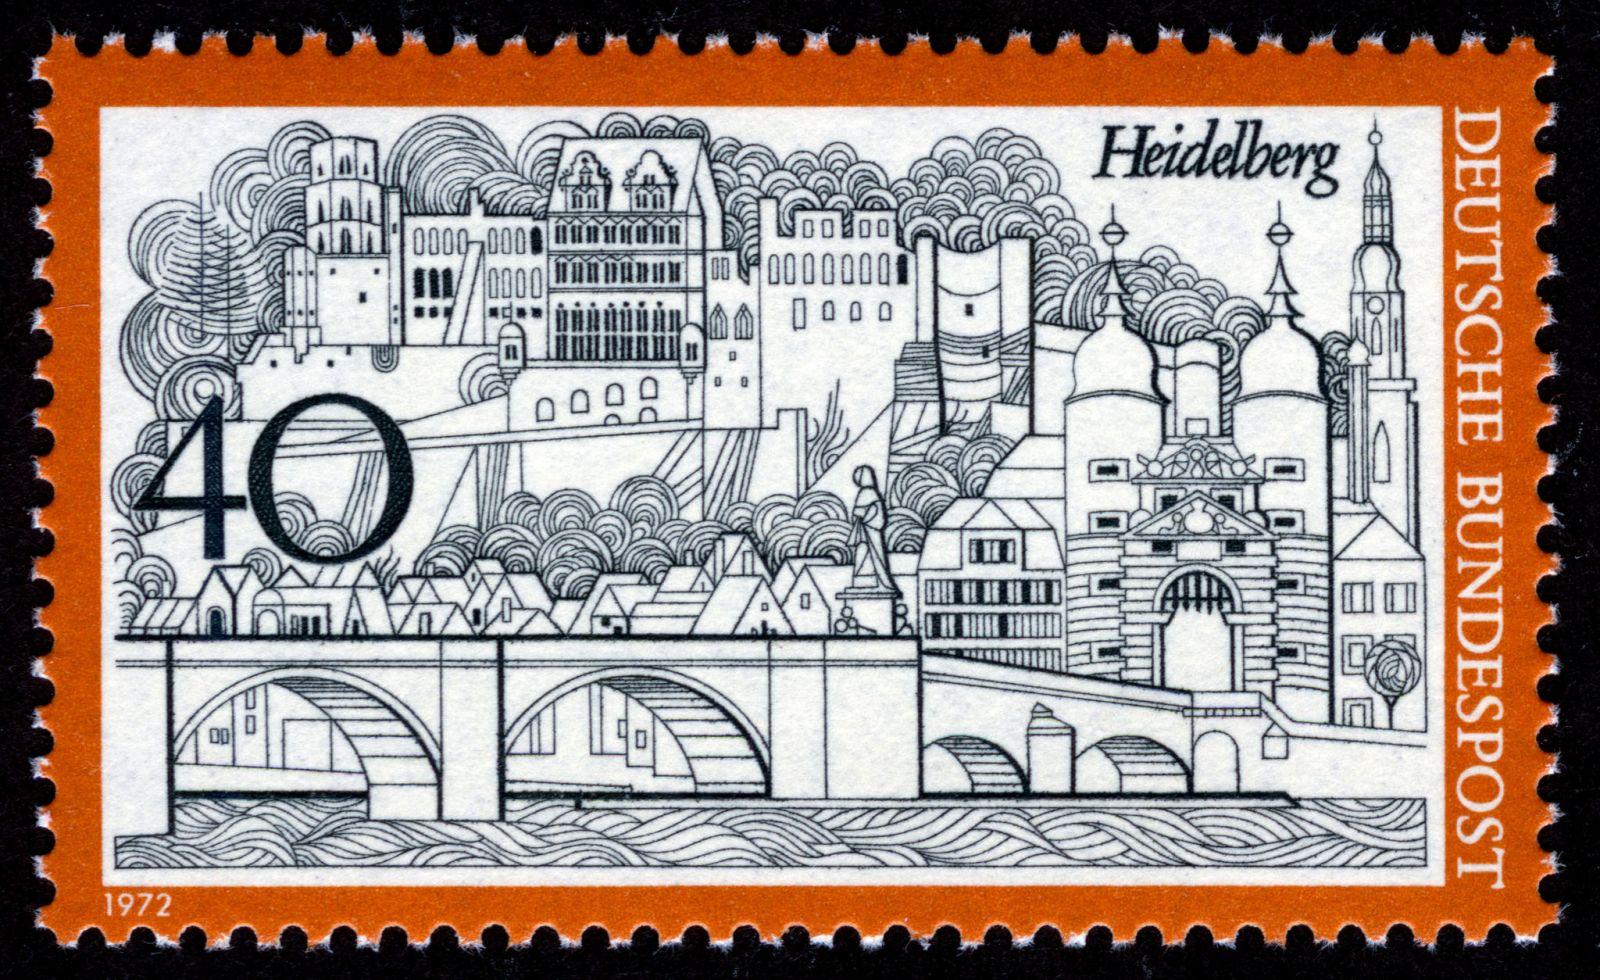 Heidelberg, 1972